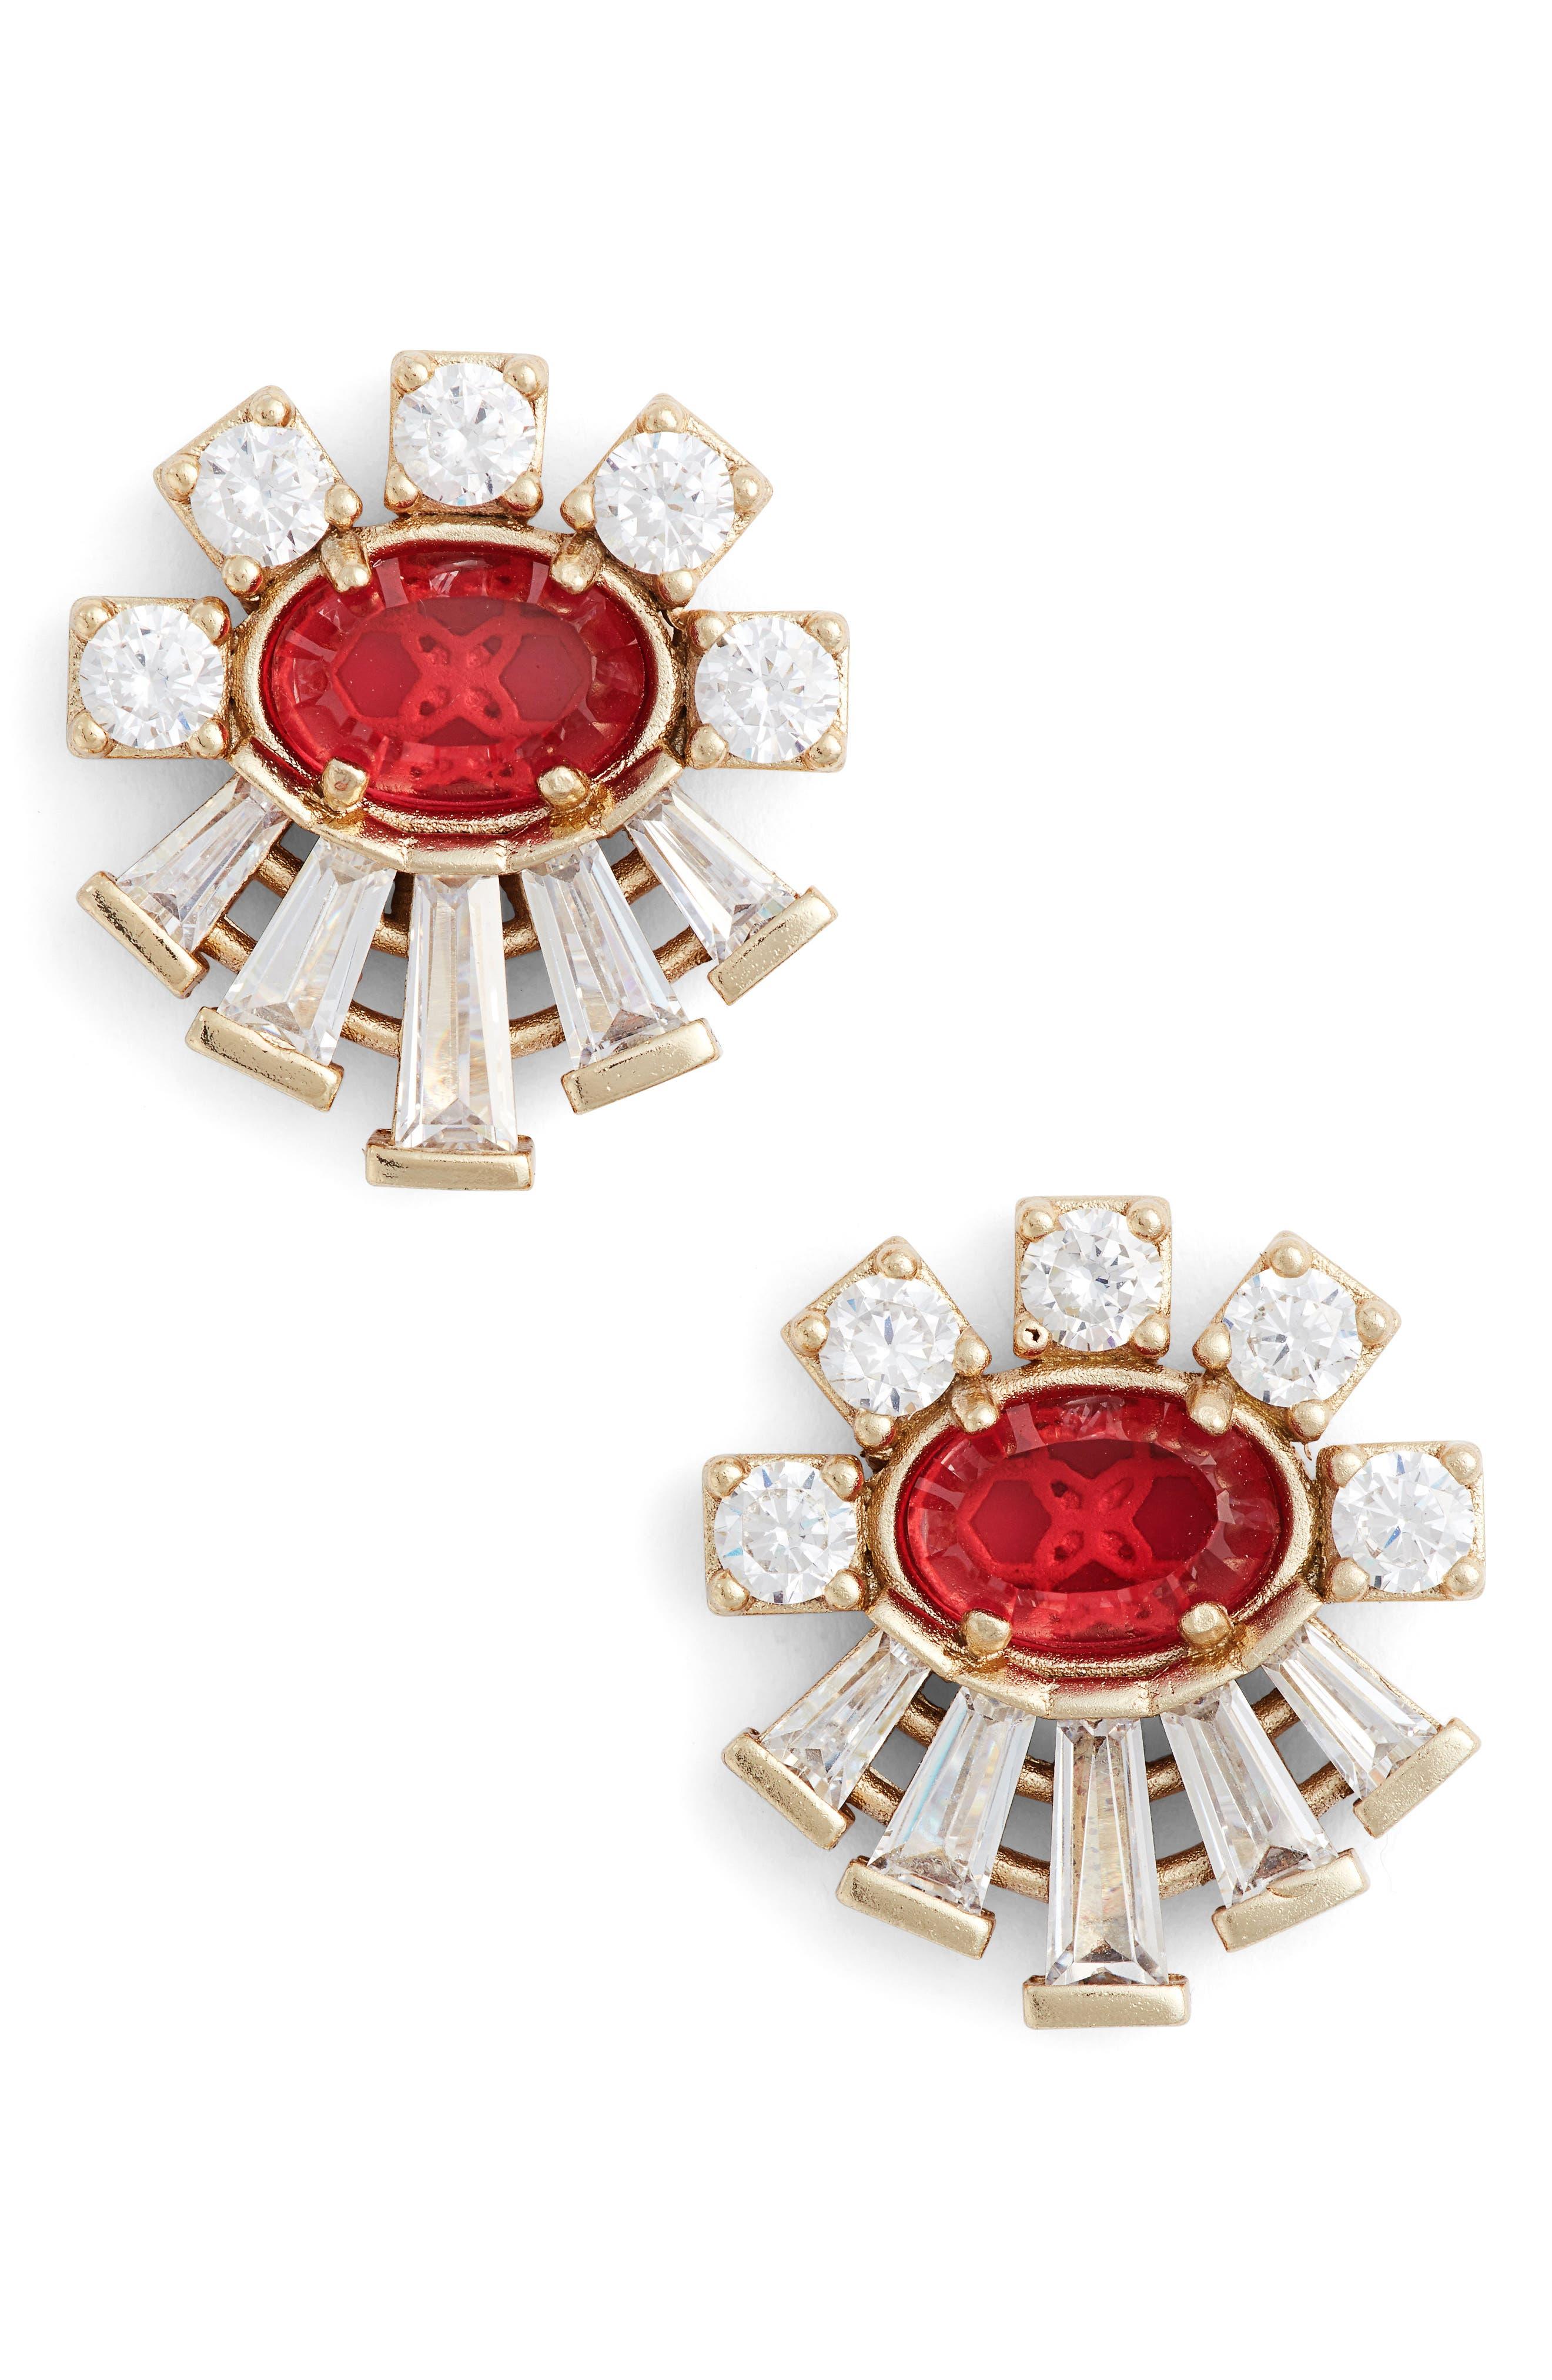 Alternate Image 1 Selected - Kendra Scott Atticus Jewel Stud Earrings